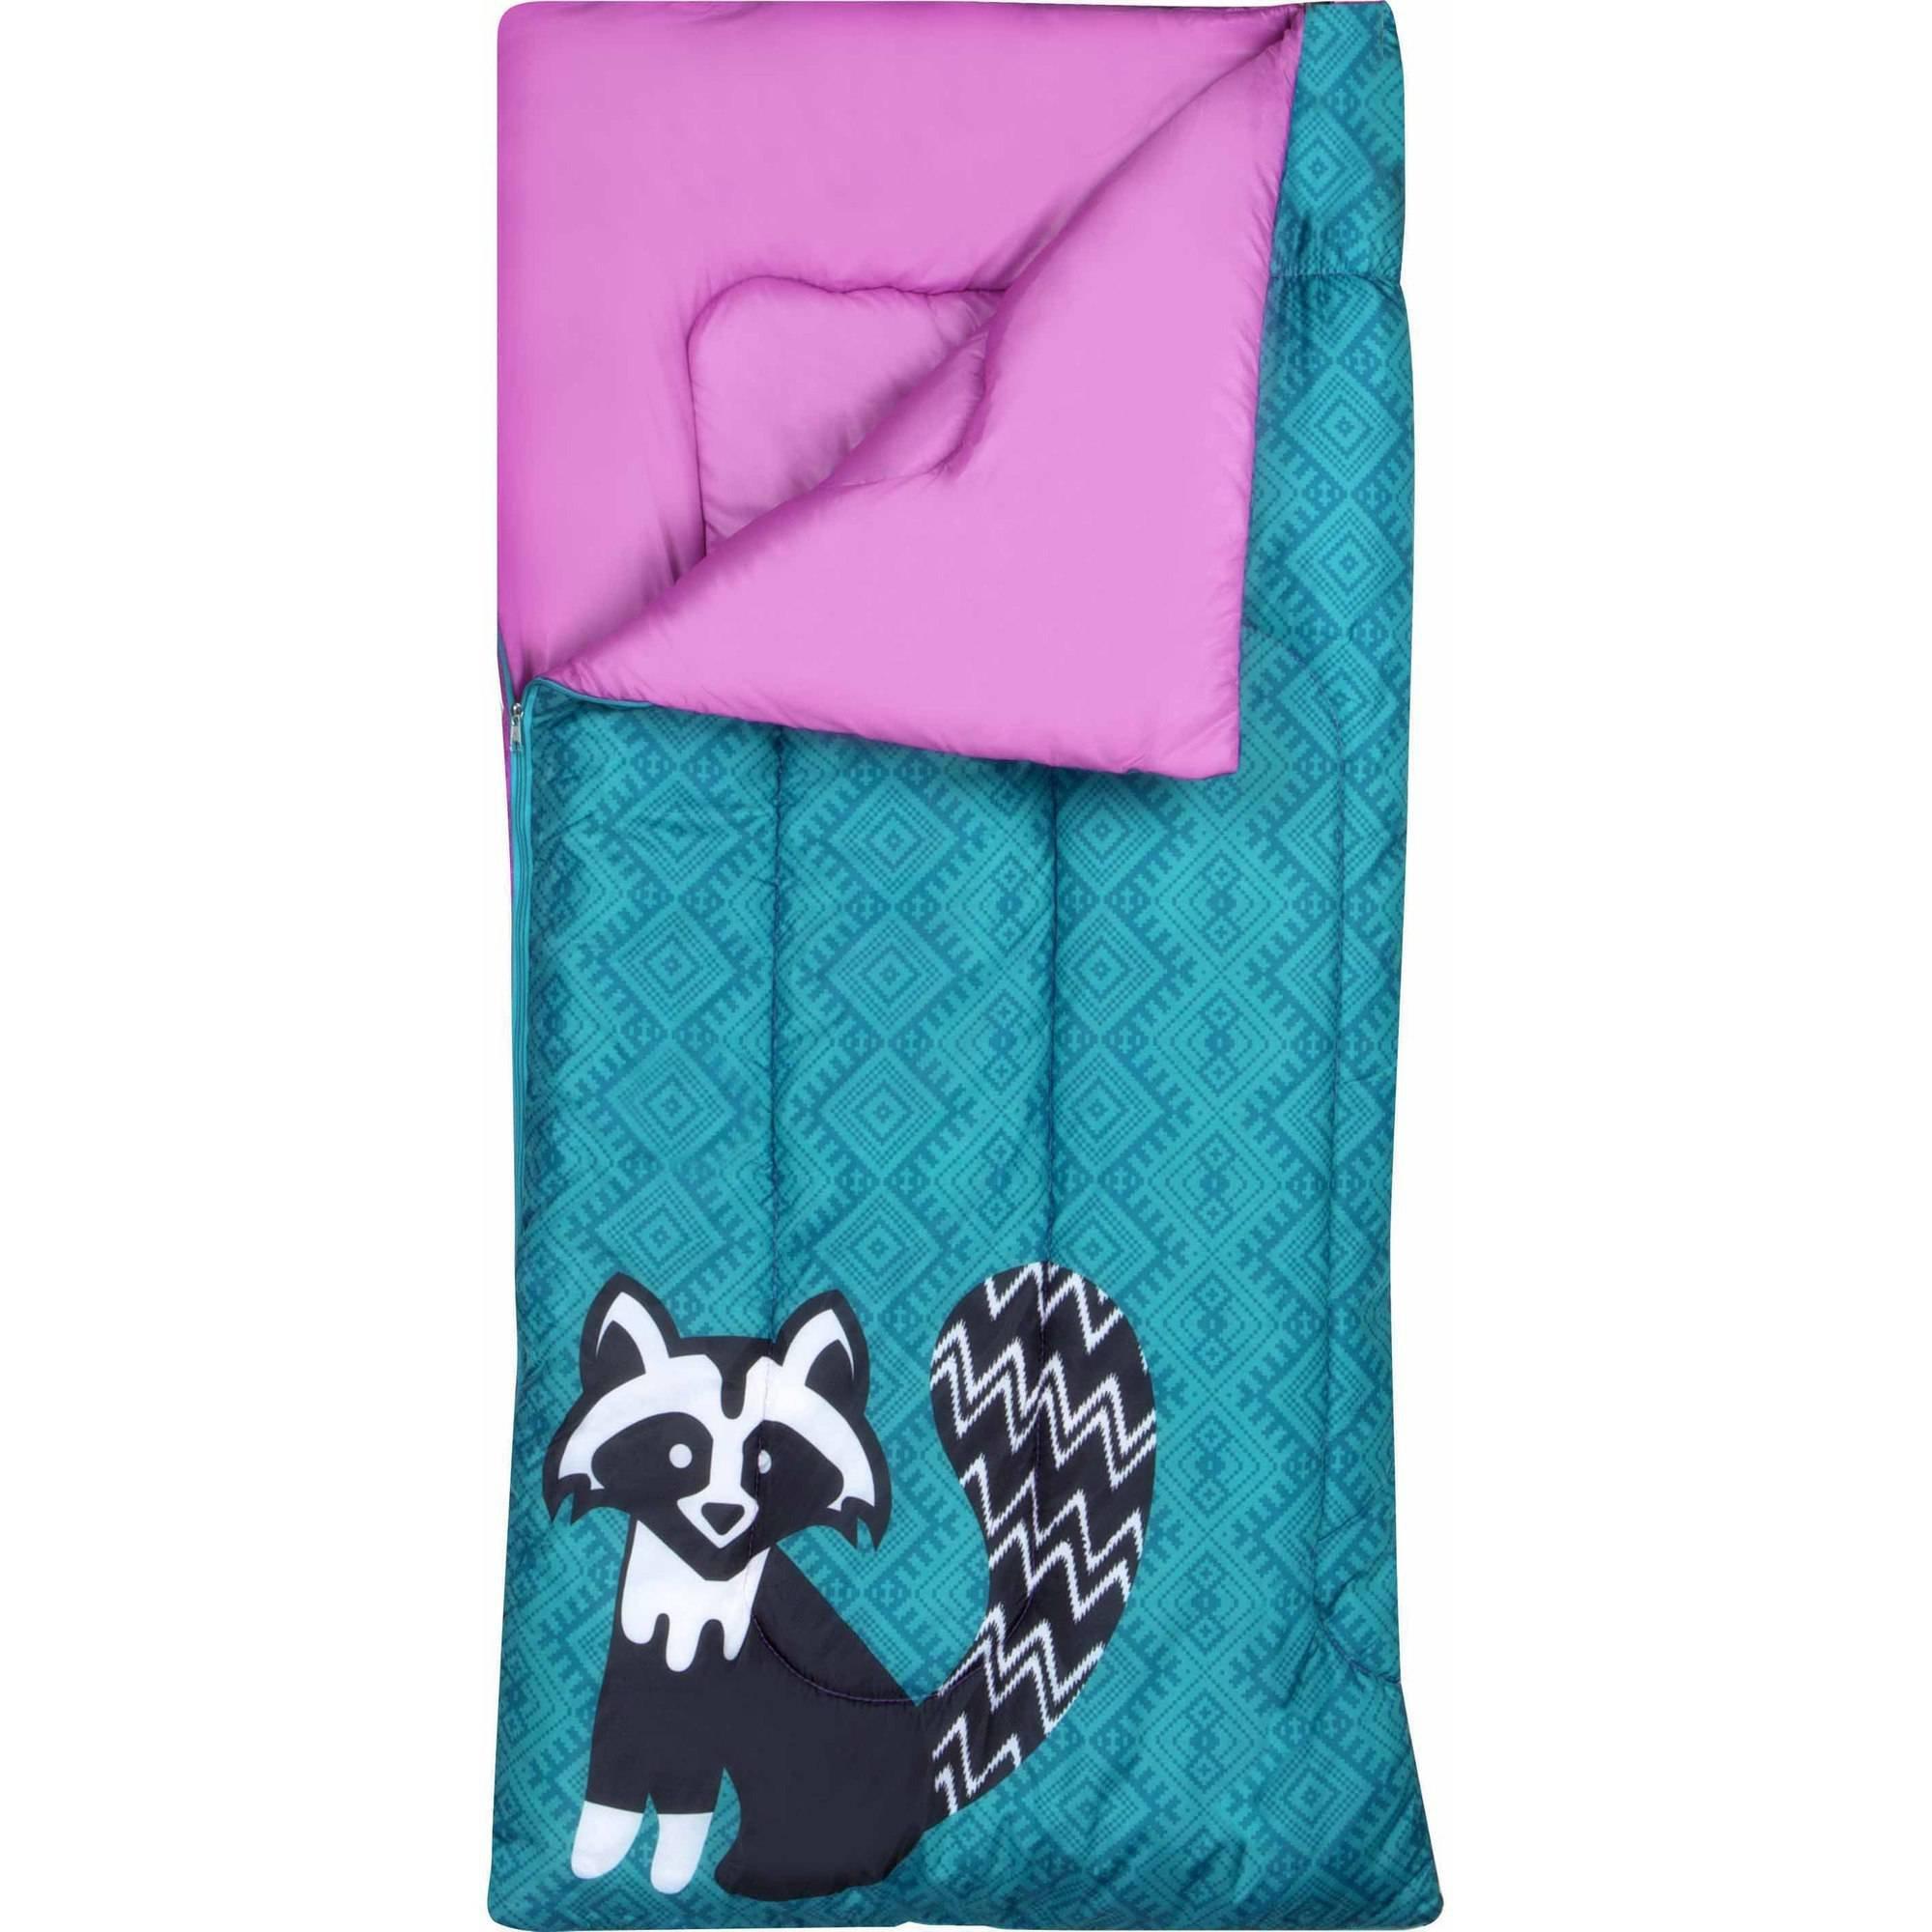 Ozark-Trail Kids Sleeping Bag Camping Indoor Outoor Traveling (Raccoon/Bear) (Purple,Teal)